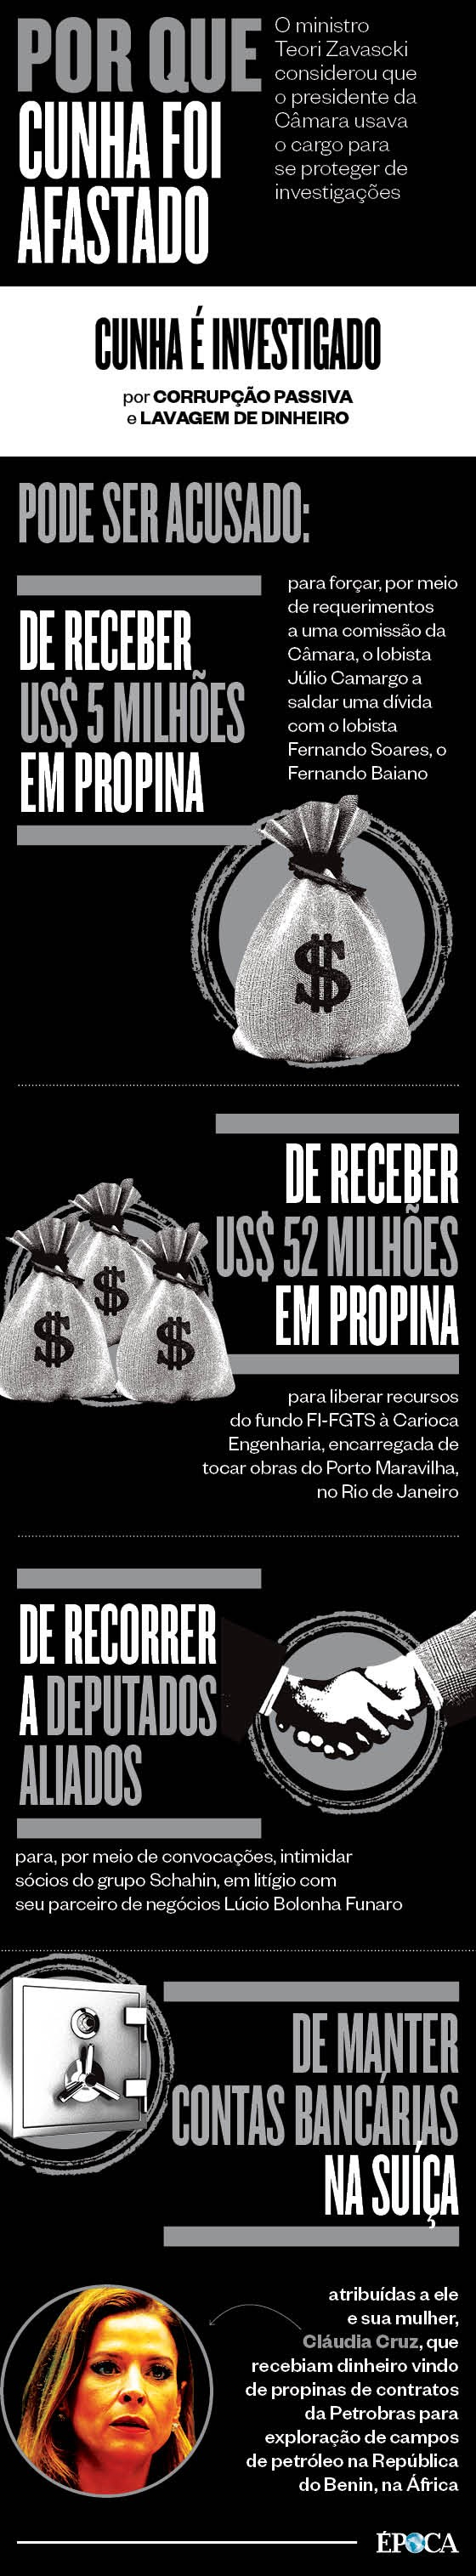 Por que Cunha foi afastado  (Foto: Época )